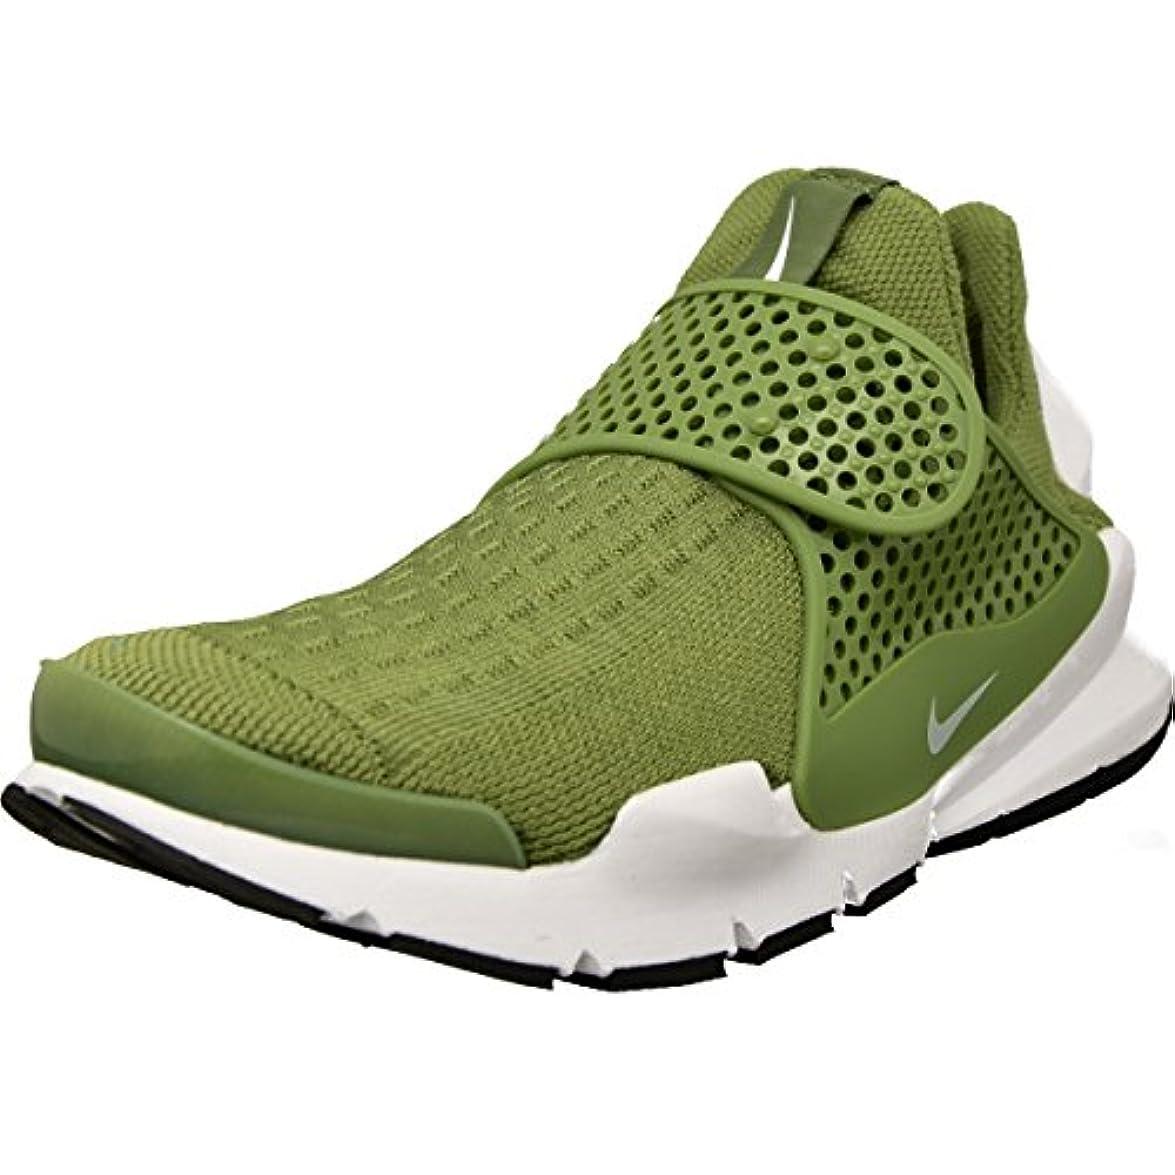 848475-400 Nike Da Running Donna Trail Scarpe